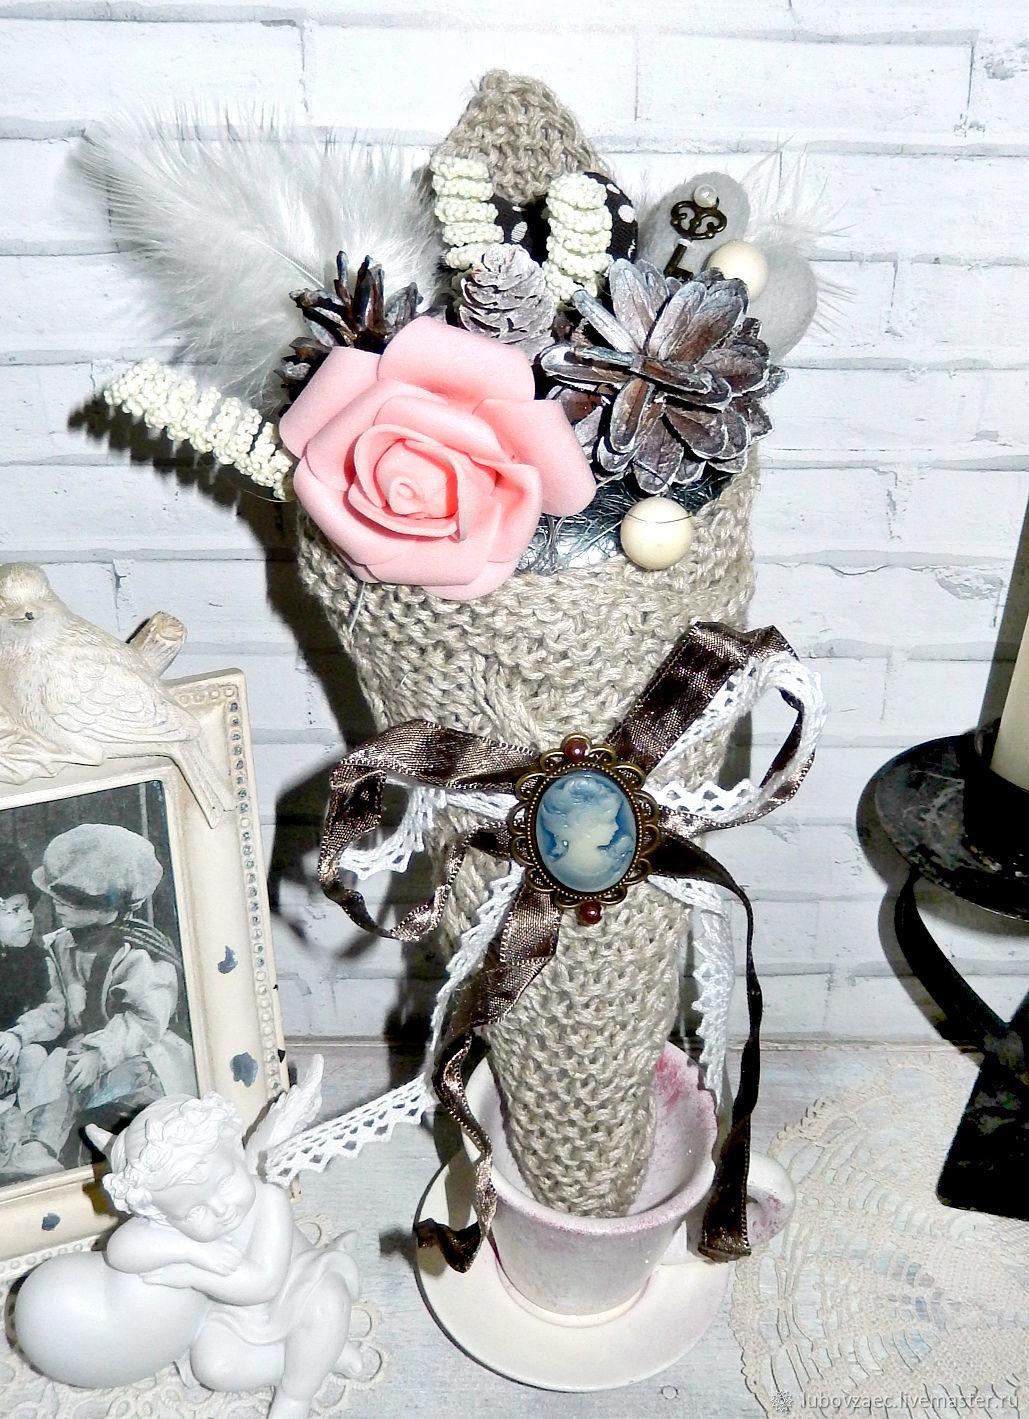 Вязаный букет-кулёк с декором ручной работы к Новому Году, Букеты, Йошкар-Ола,  Фото №1